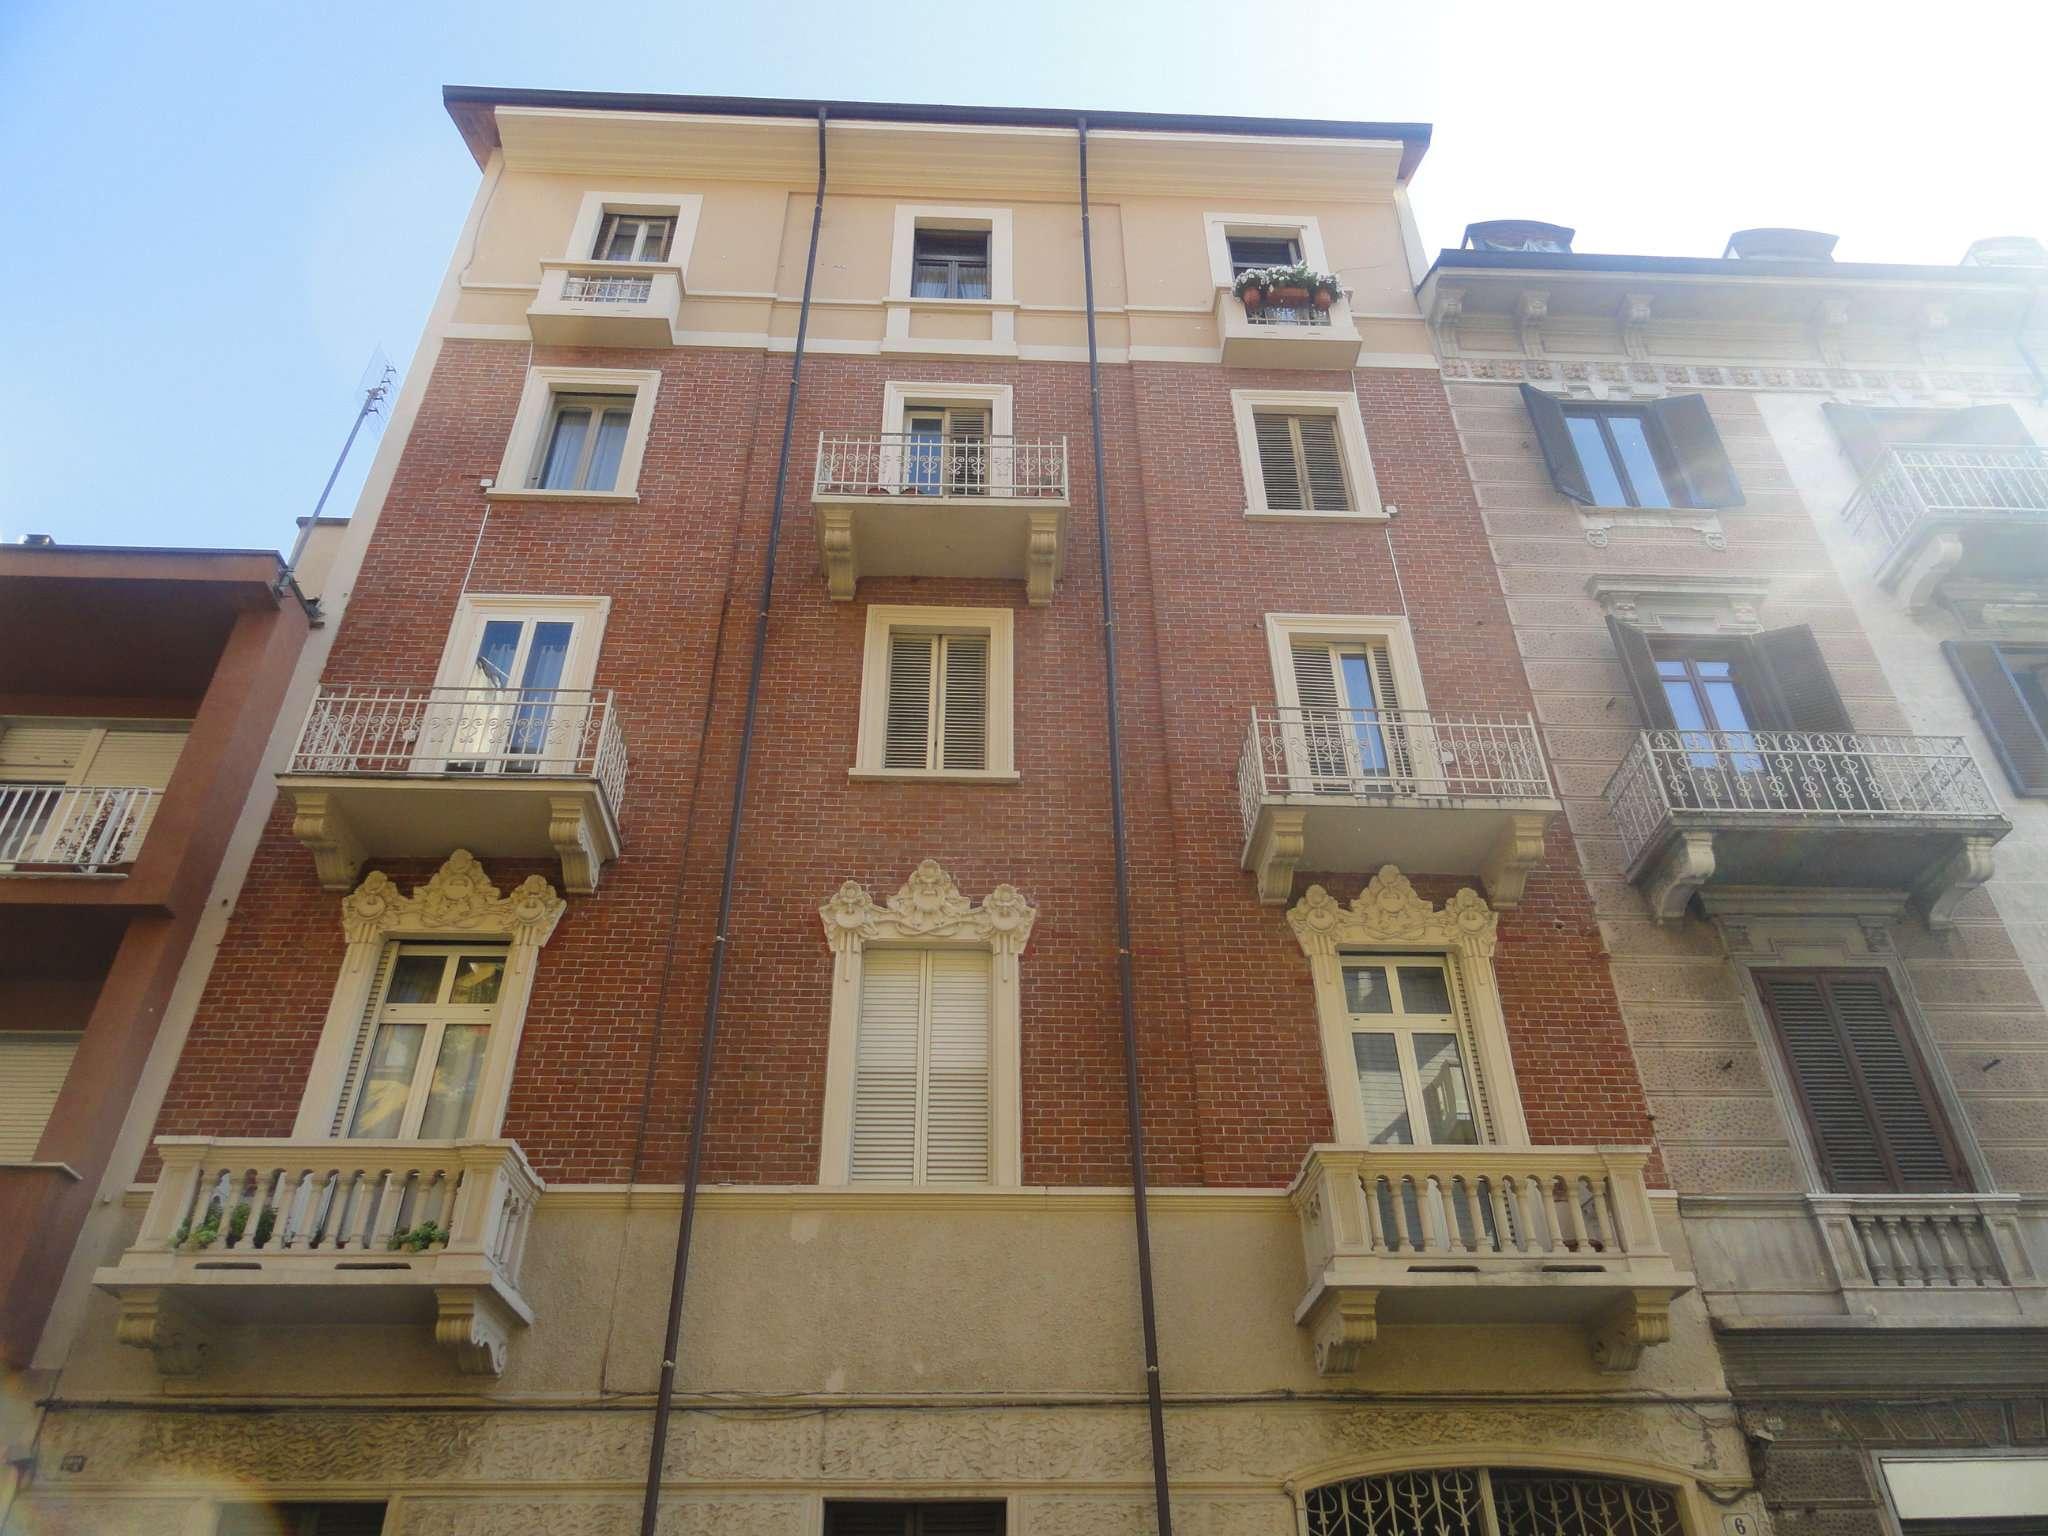 Foto 1 di Terratetto - Terracielo via Barge  6, Torino (zona Cenisia, San Paolo)